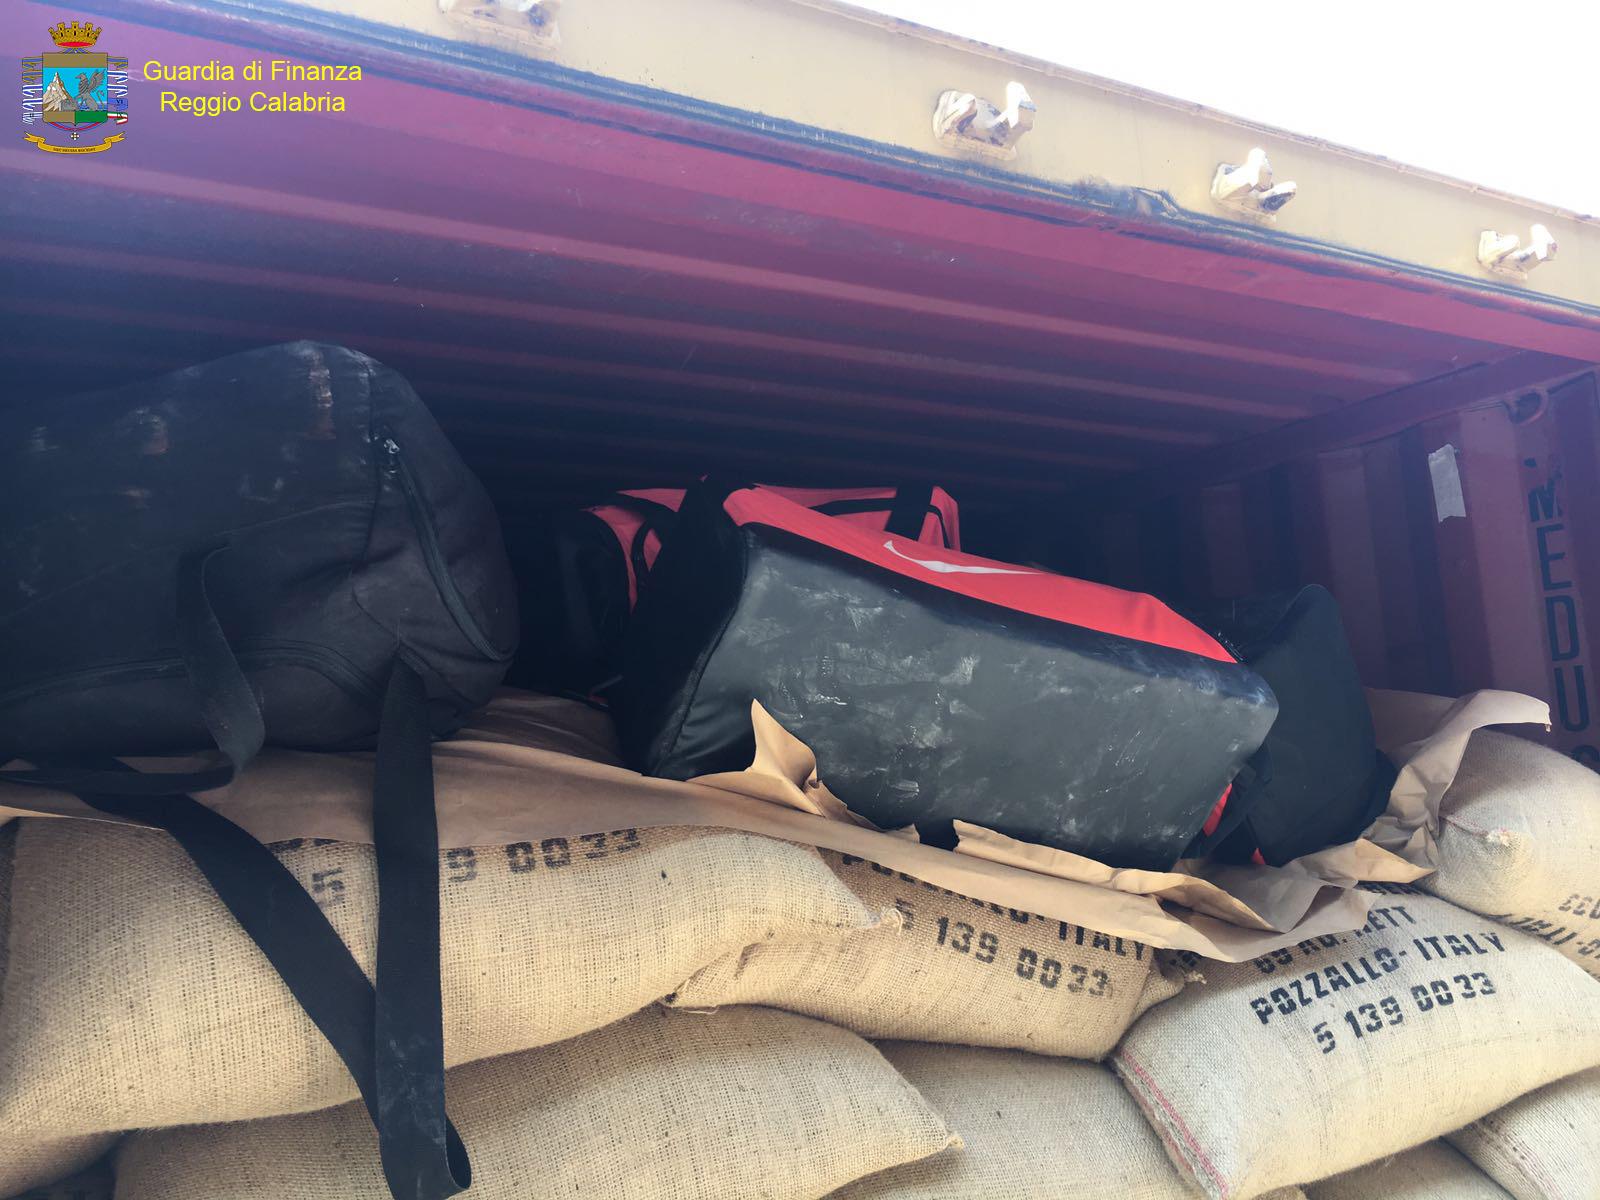 Gioia Tauro (RC) - Sequestrati 218 kg di cocaina purissima